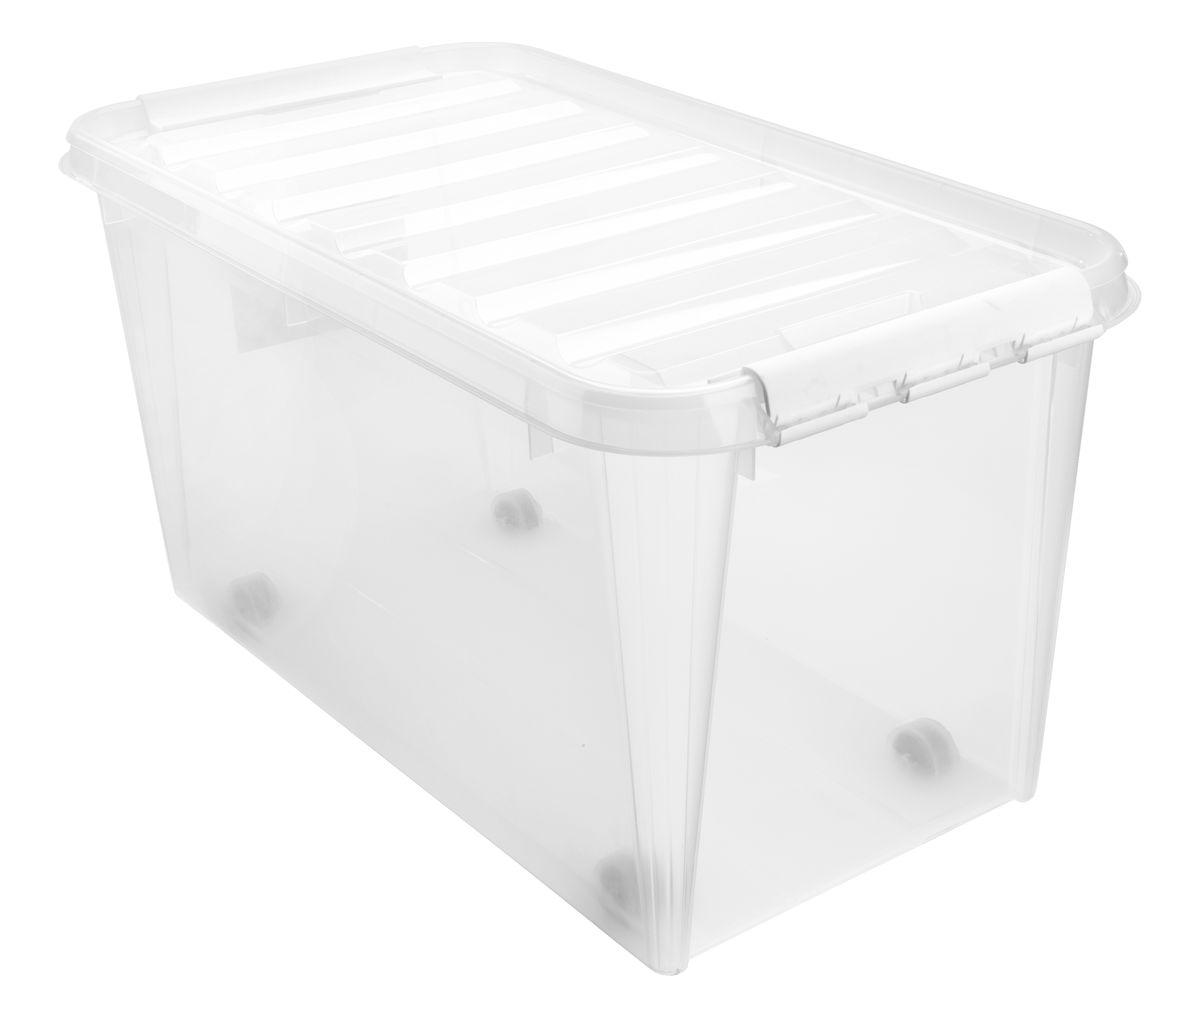 Förvaringsbox SMARTSTORE classic 70 lock JYSK